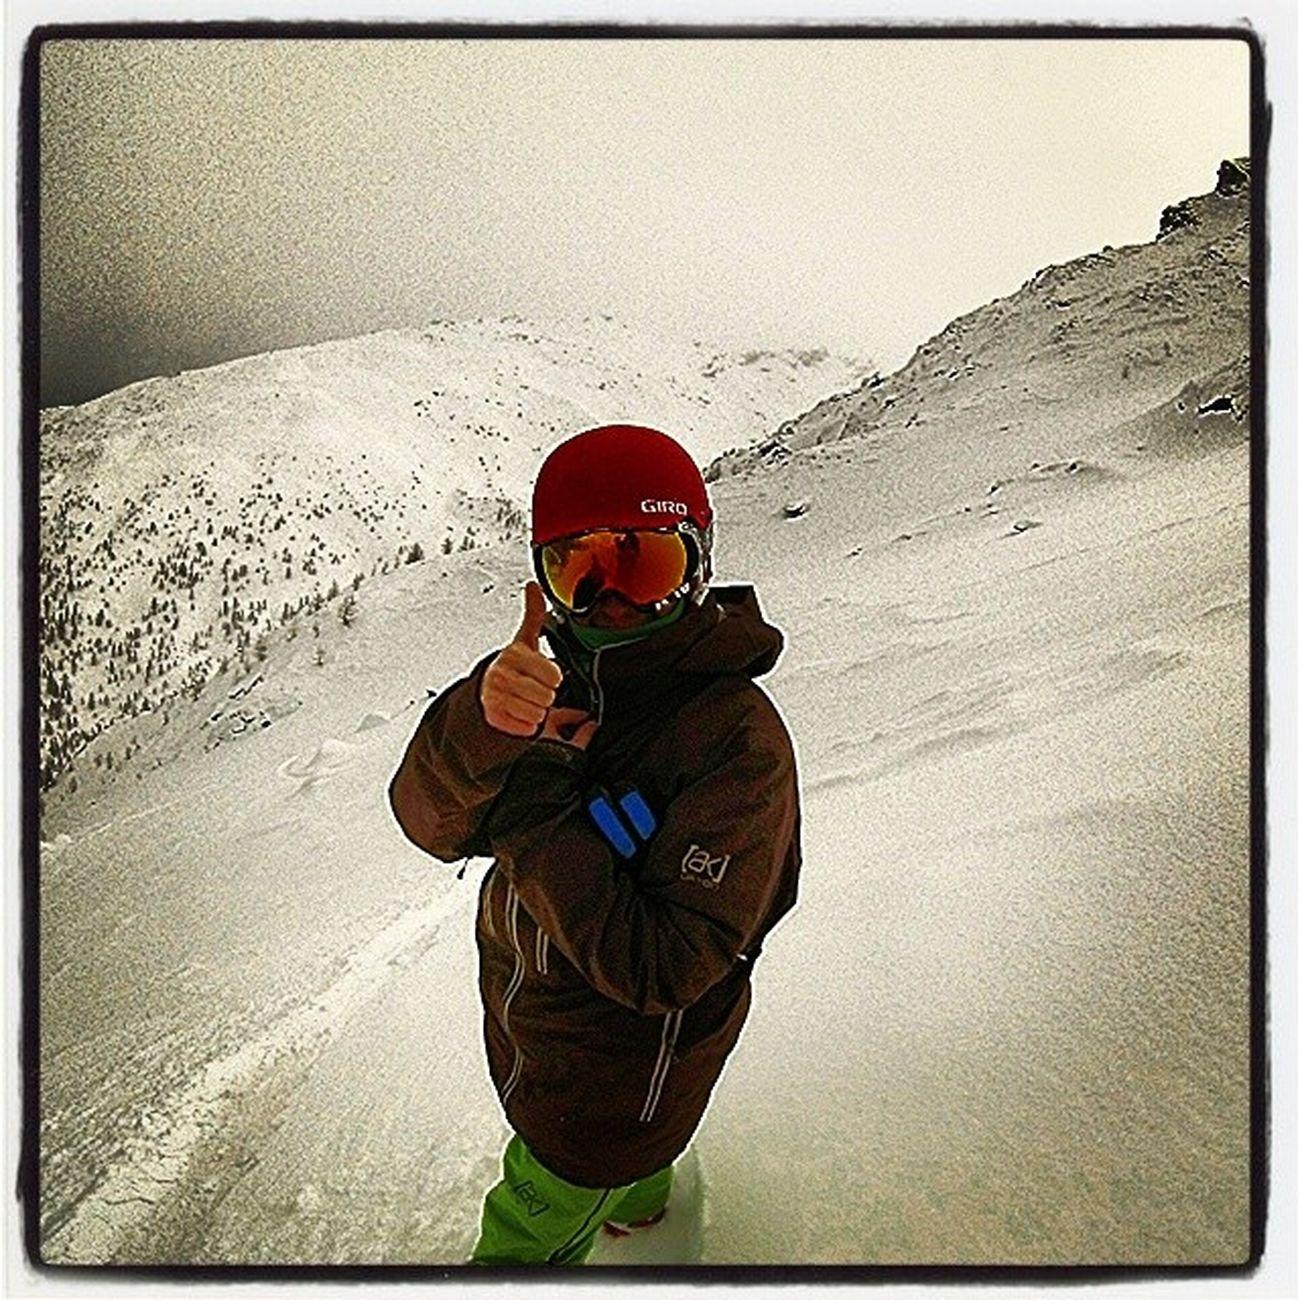 Ready to go... Galassia Prali Piemonte Mountain Alps Piemonte Scatti_italiani Snow Snowboard Snowboarding Freeriding Fuoripista Powder Pow Burton  Burtonak Akproject Giro Oakley Xperiaz Nevefresca Bestphoto Bestpic Bestpicture Instagramers aviaryvscocamig_daily